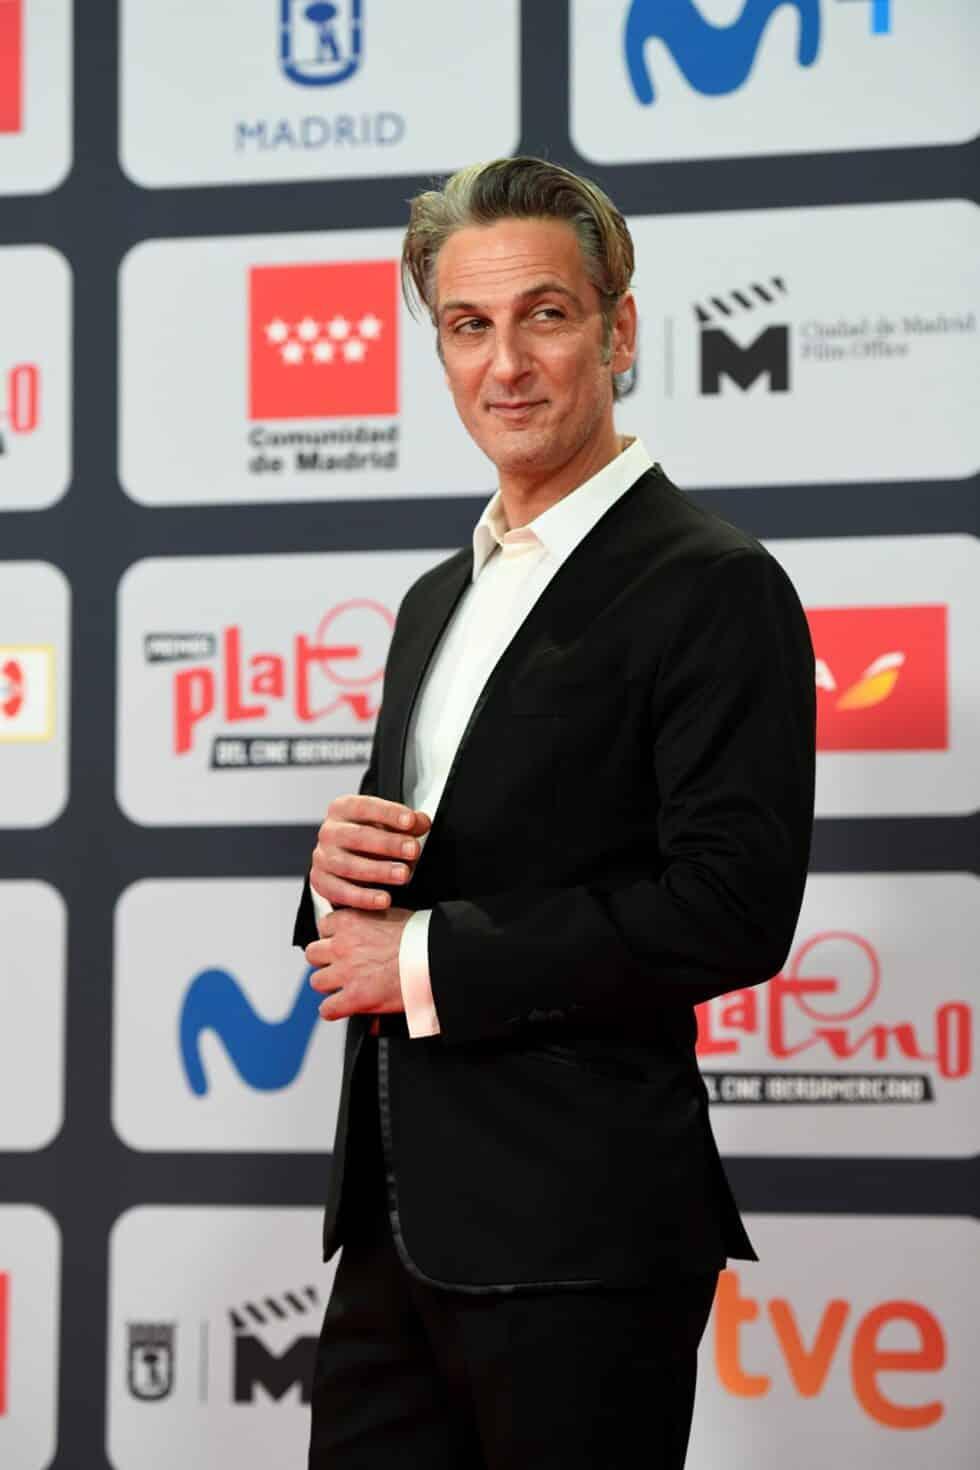 El actor Ernesto Alterio, a su llegada a la ceremonia de entrega de los Premios Platino del Cine y el Audiovisual Iberoamericano que se celebra este domingo en Madrid